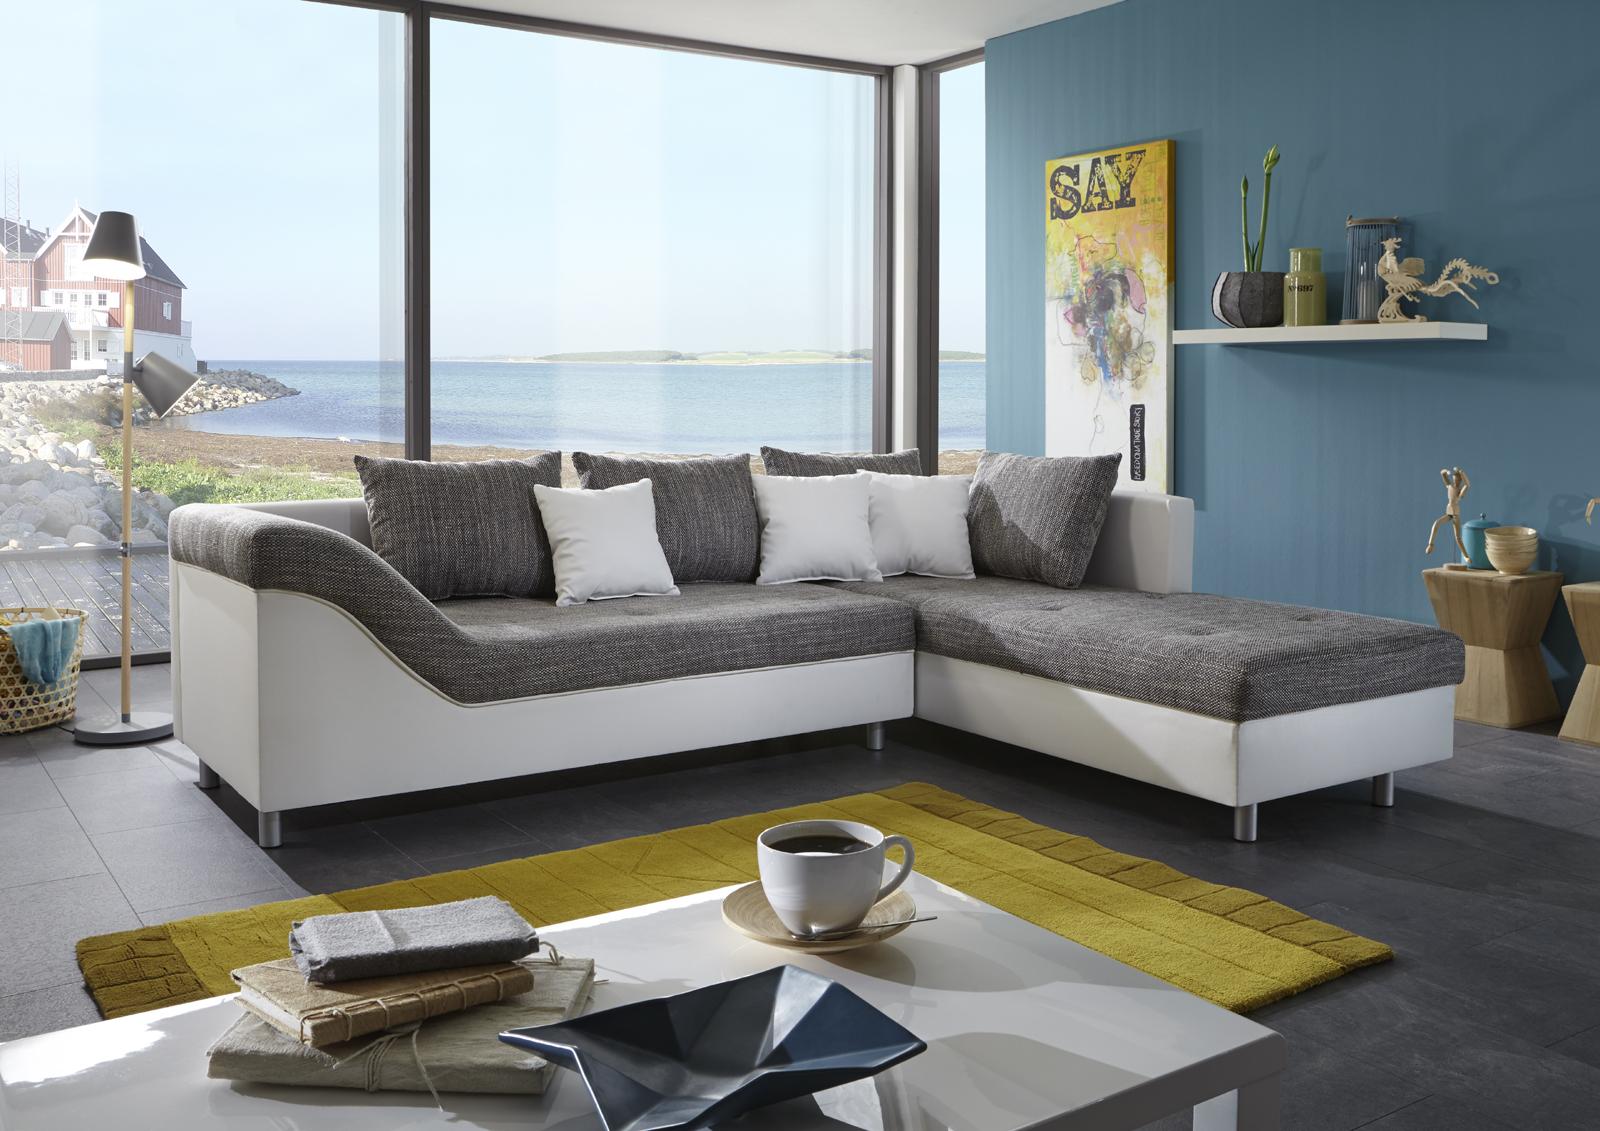 Badewanne Holzfliesen Wohnzimmer Preis Home Design Inspiration